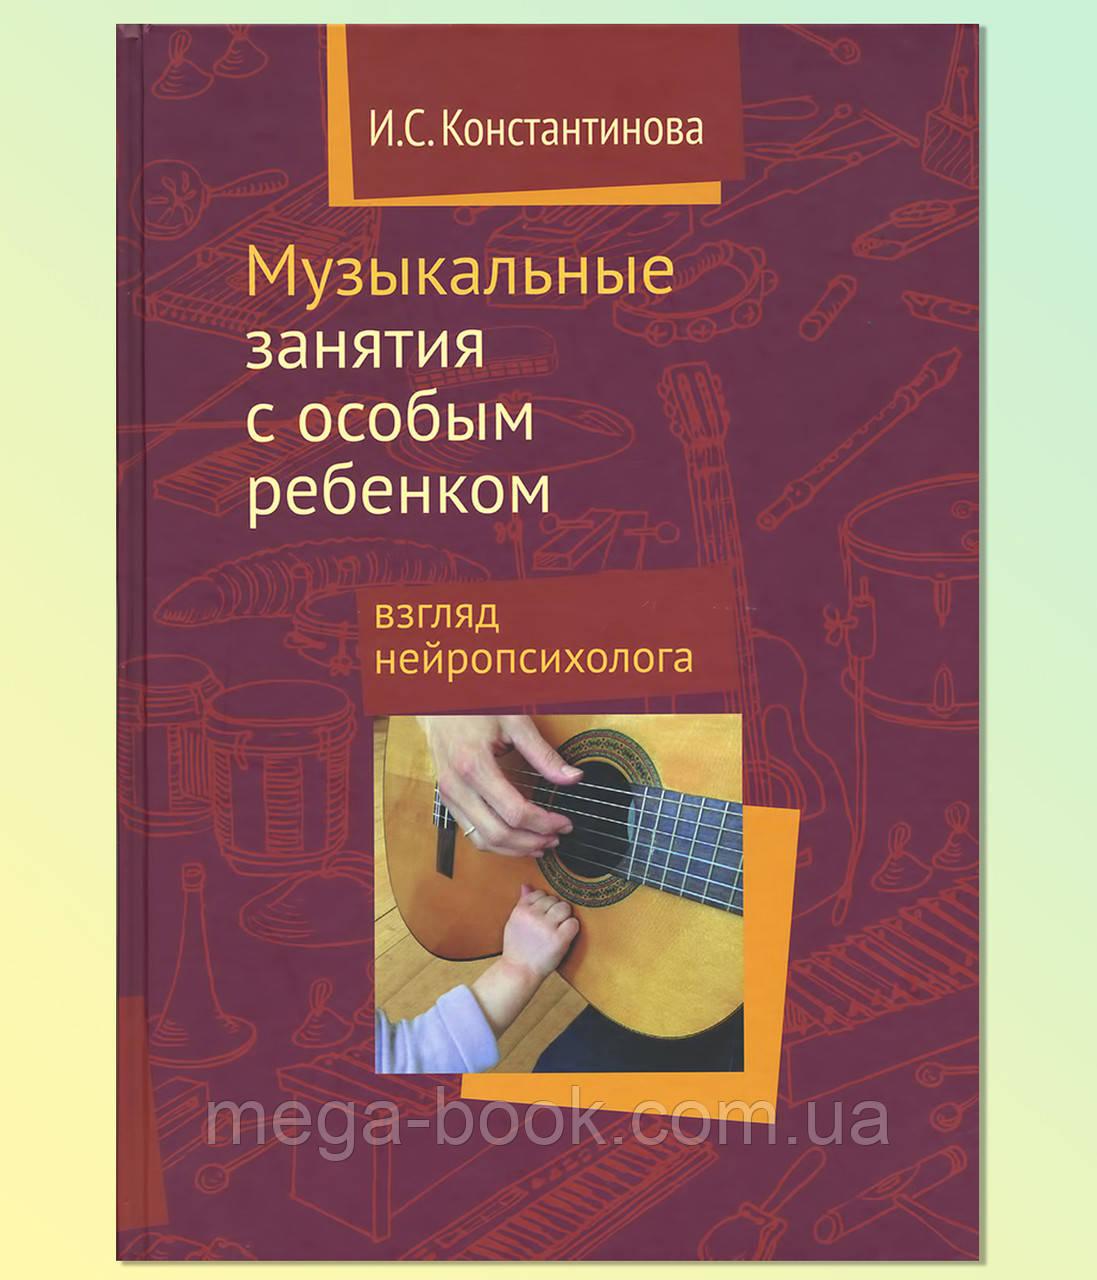 Музыкальные занятия с особым ребенком. Взгляд нейропсихолога. И.С.Константинова